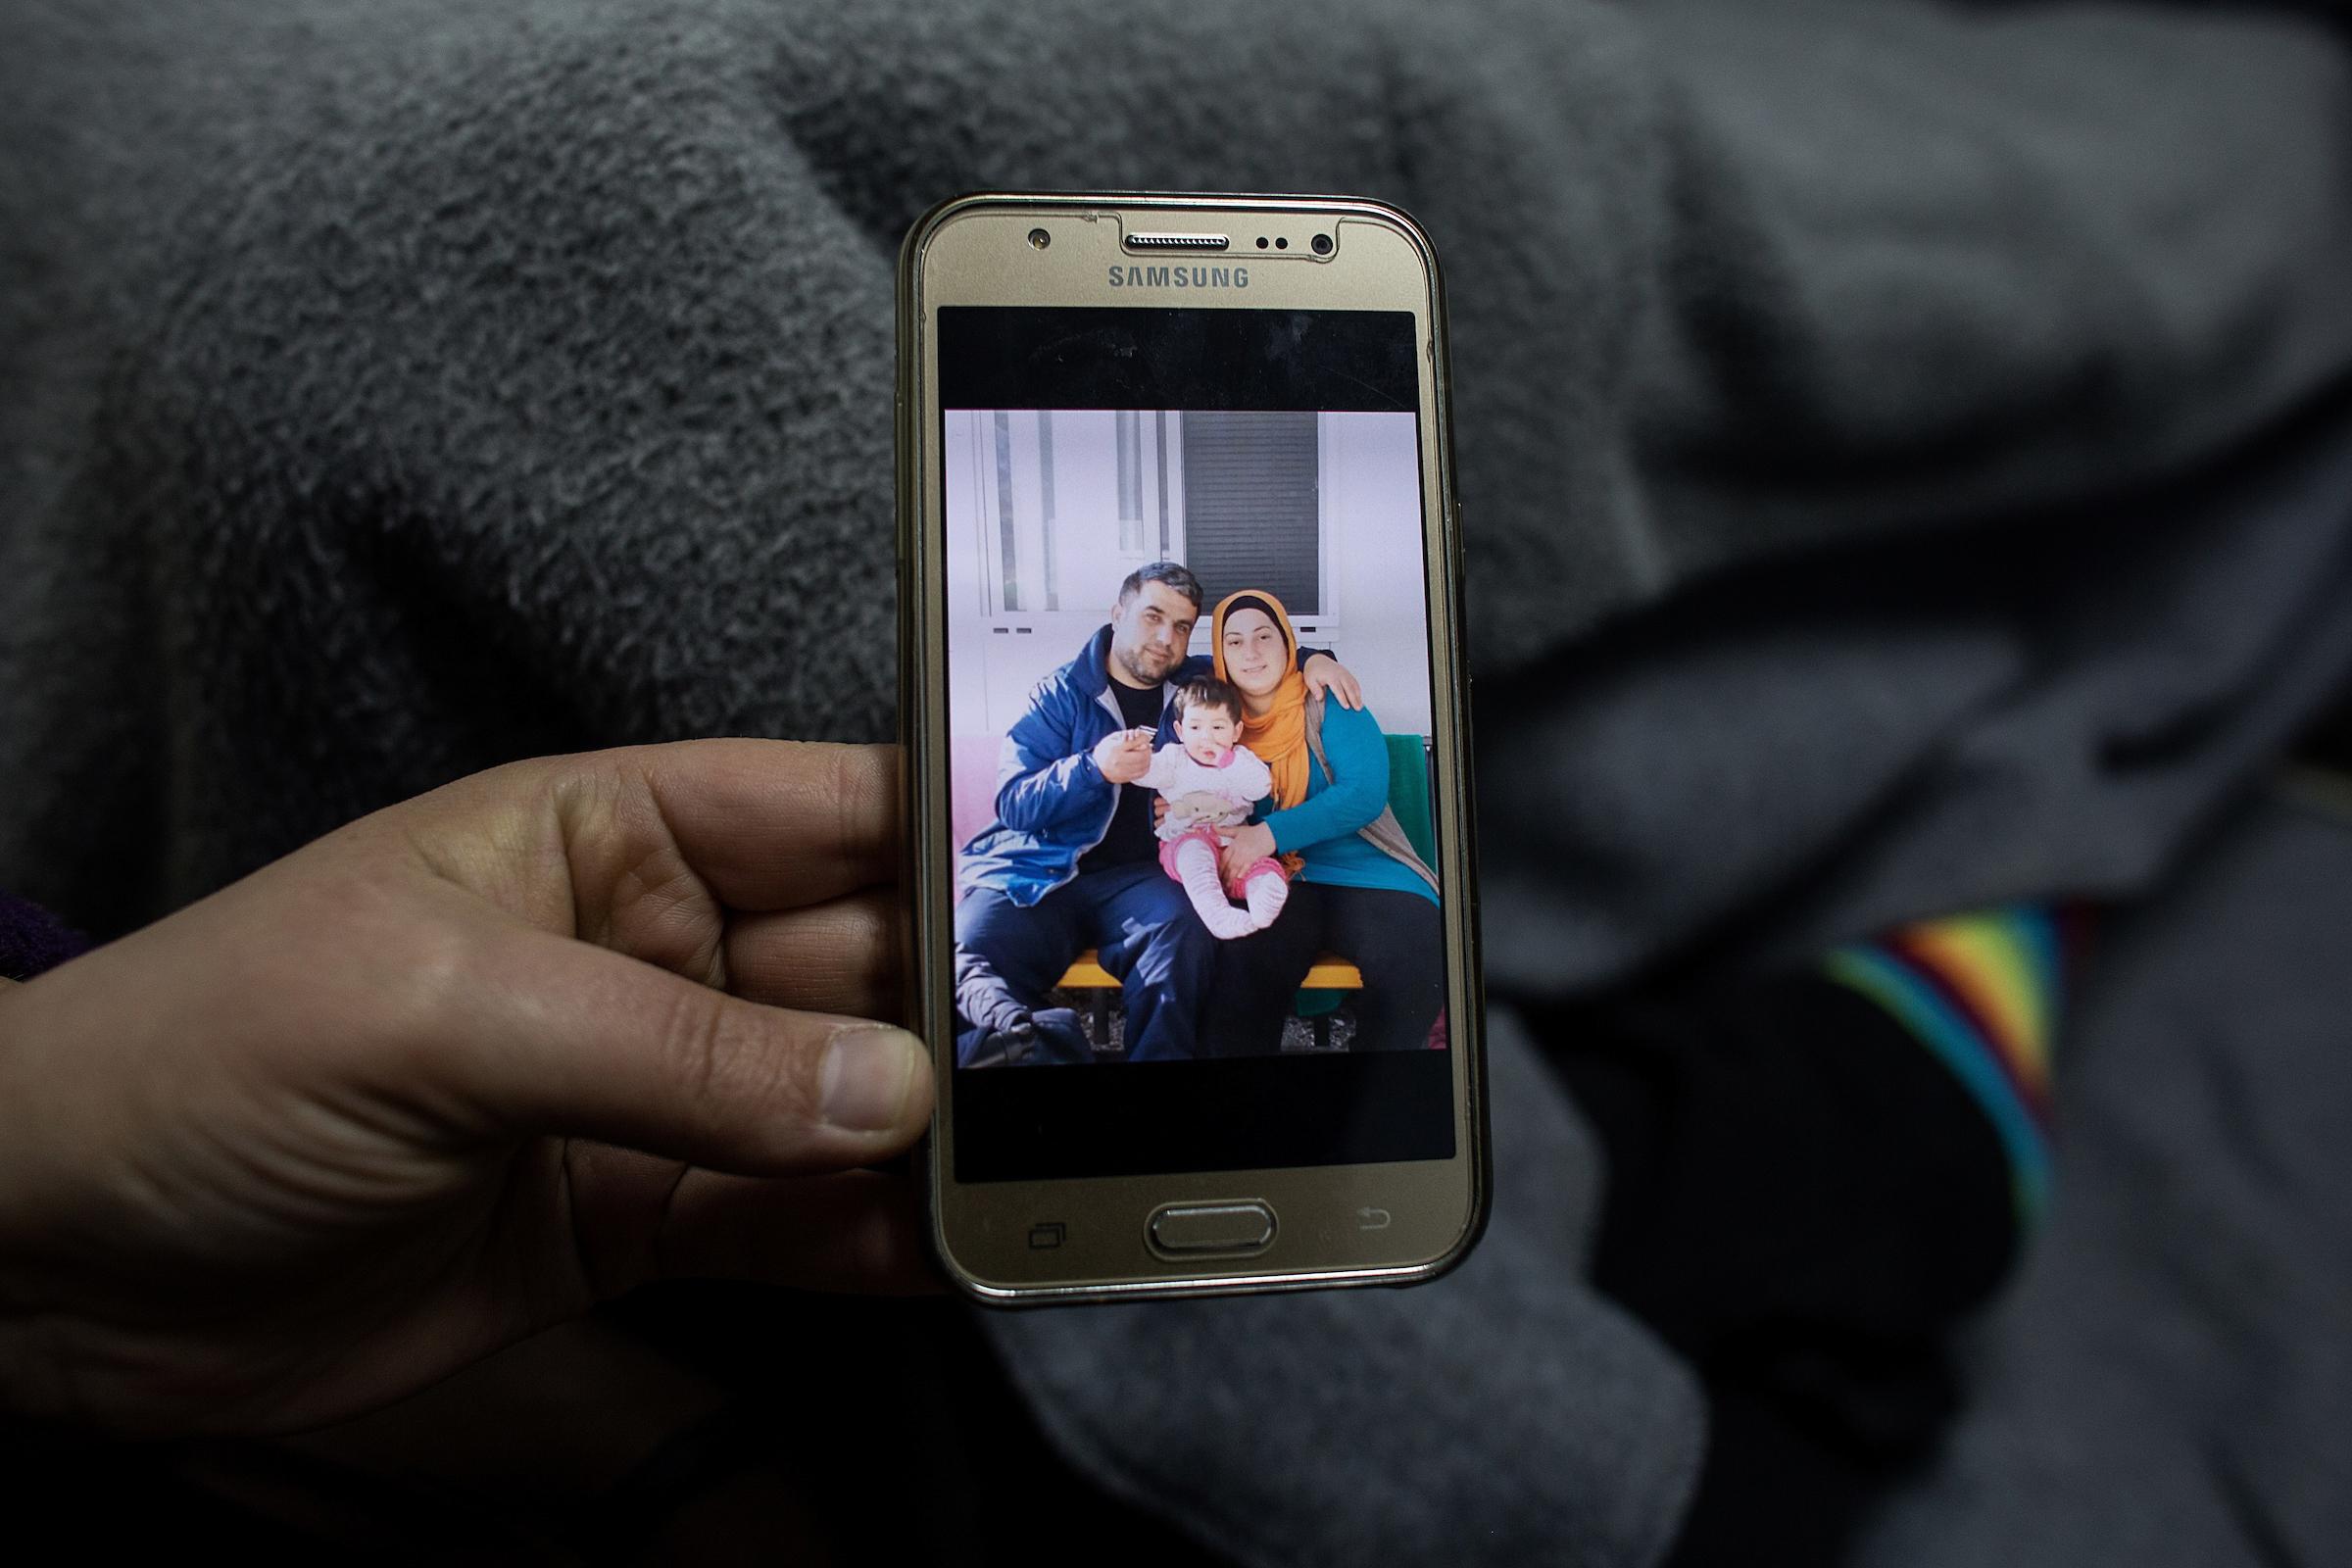 Eine junge Frau aus Syrien, wartet seit Monaten auf ihre Familienzusammenf�hrung. das gemeinsame Baby hat ihr Mann, der schon in Deutschland Asylstatus hat, erst k�rzlich bei einem Besuch in Lagadikia zum ersten Mal gesehen. Auf dem Display sieht man sie alle drei zusammen w�hrend dieses Besuches. Jetzt ist Ihr Mann wieder in Deutschland und versucht die Familie nachzuholen.